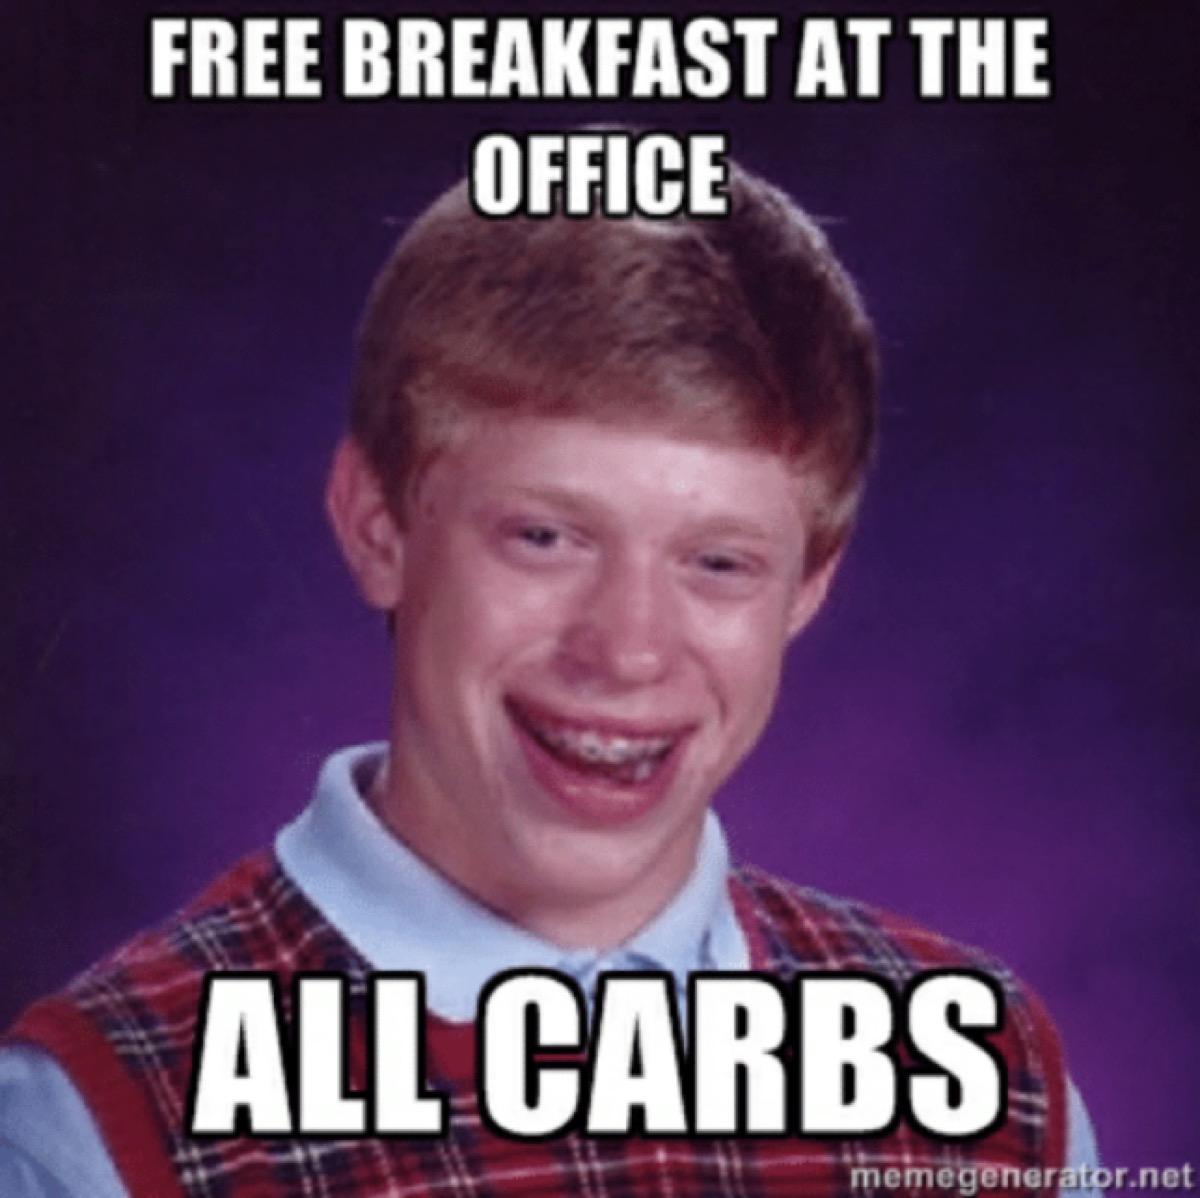 funny work meme office breakfast